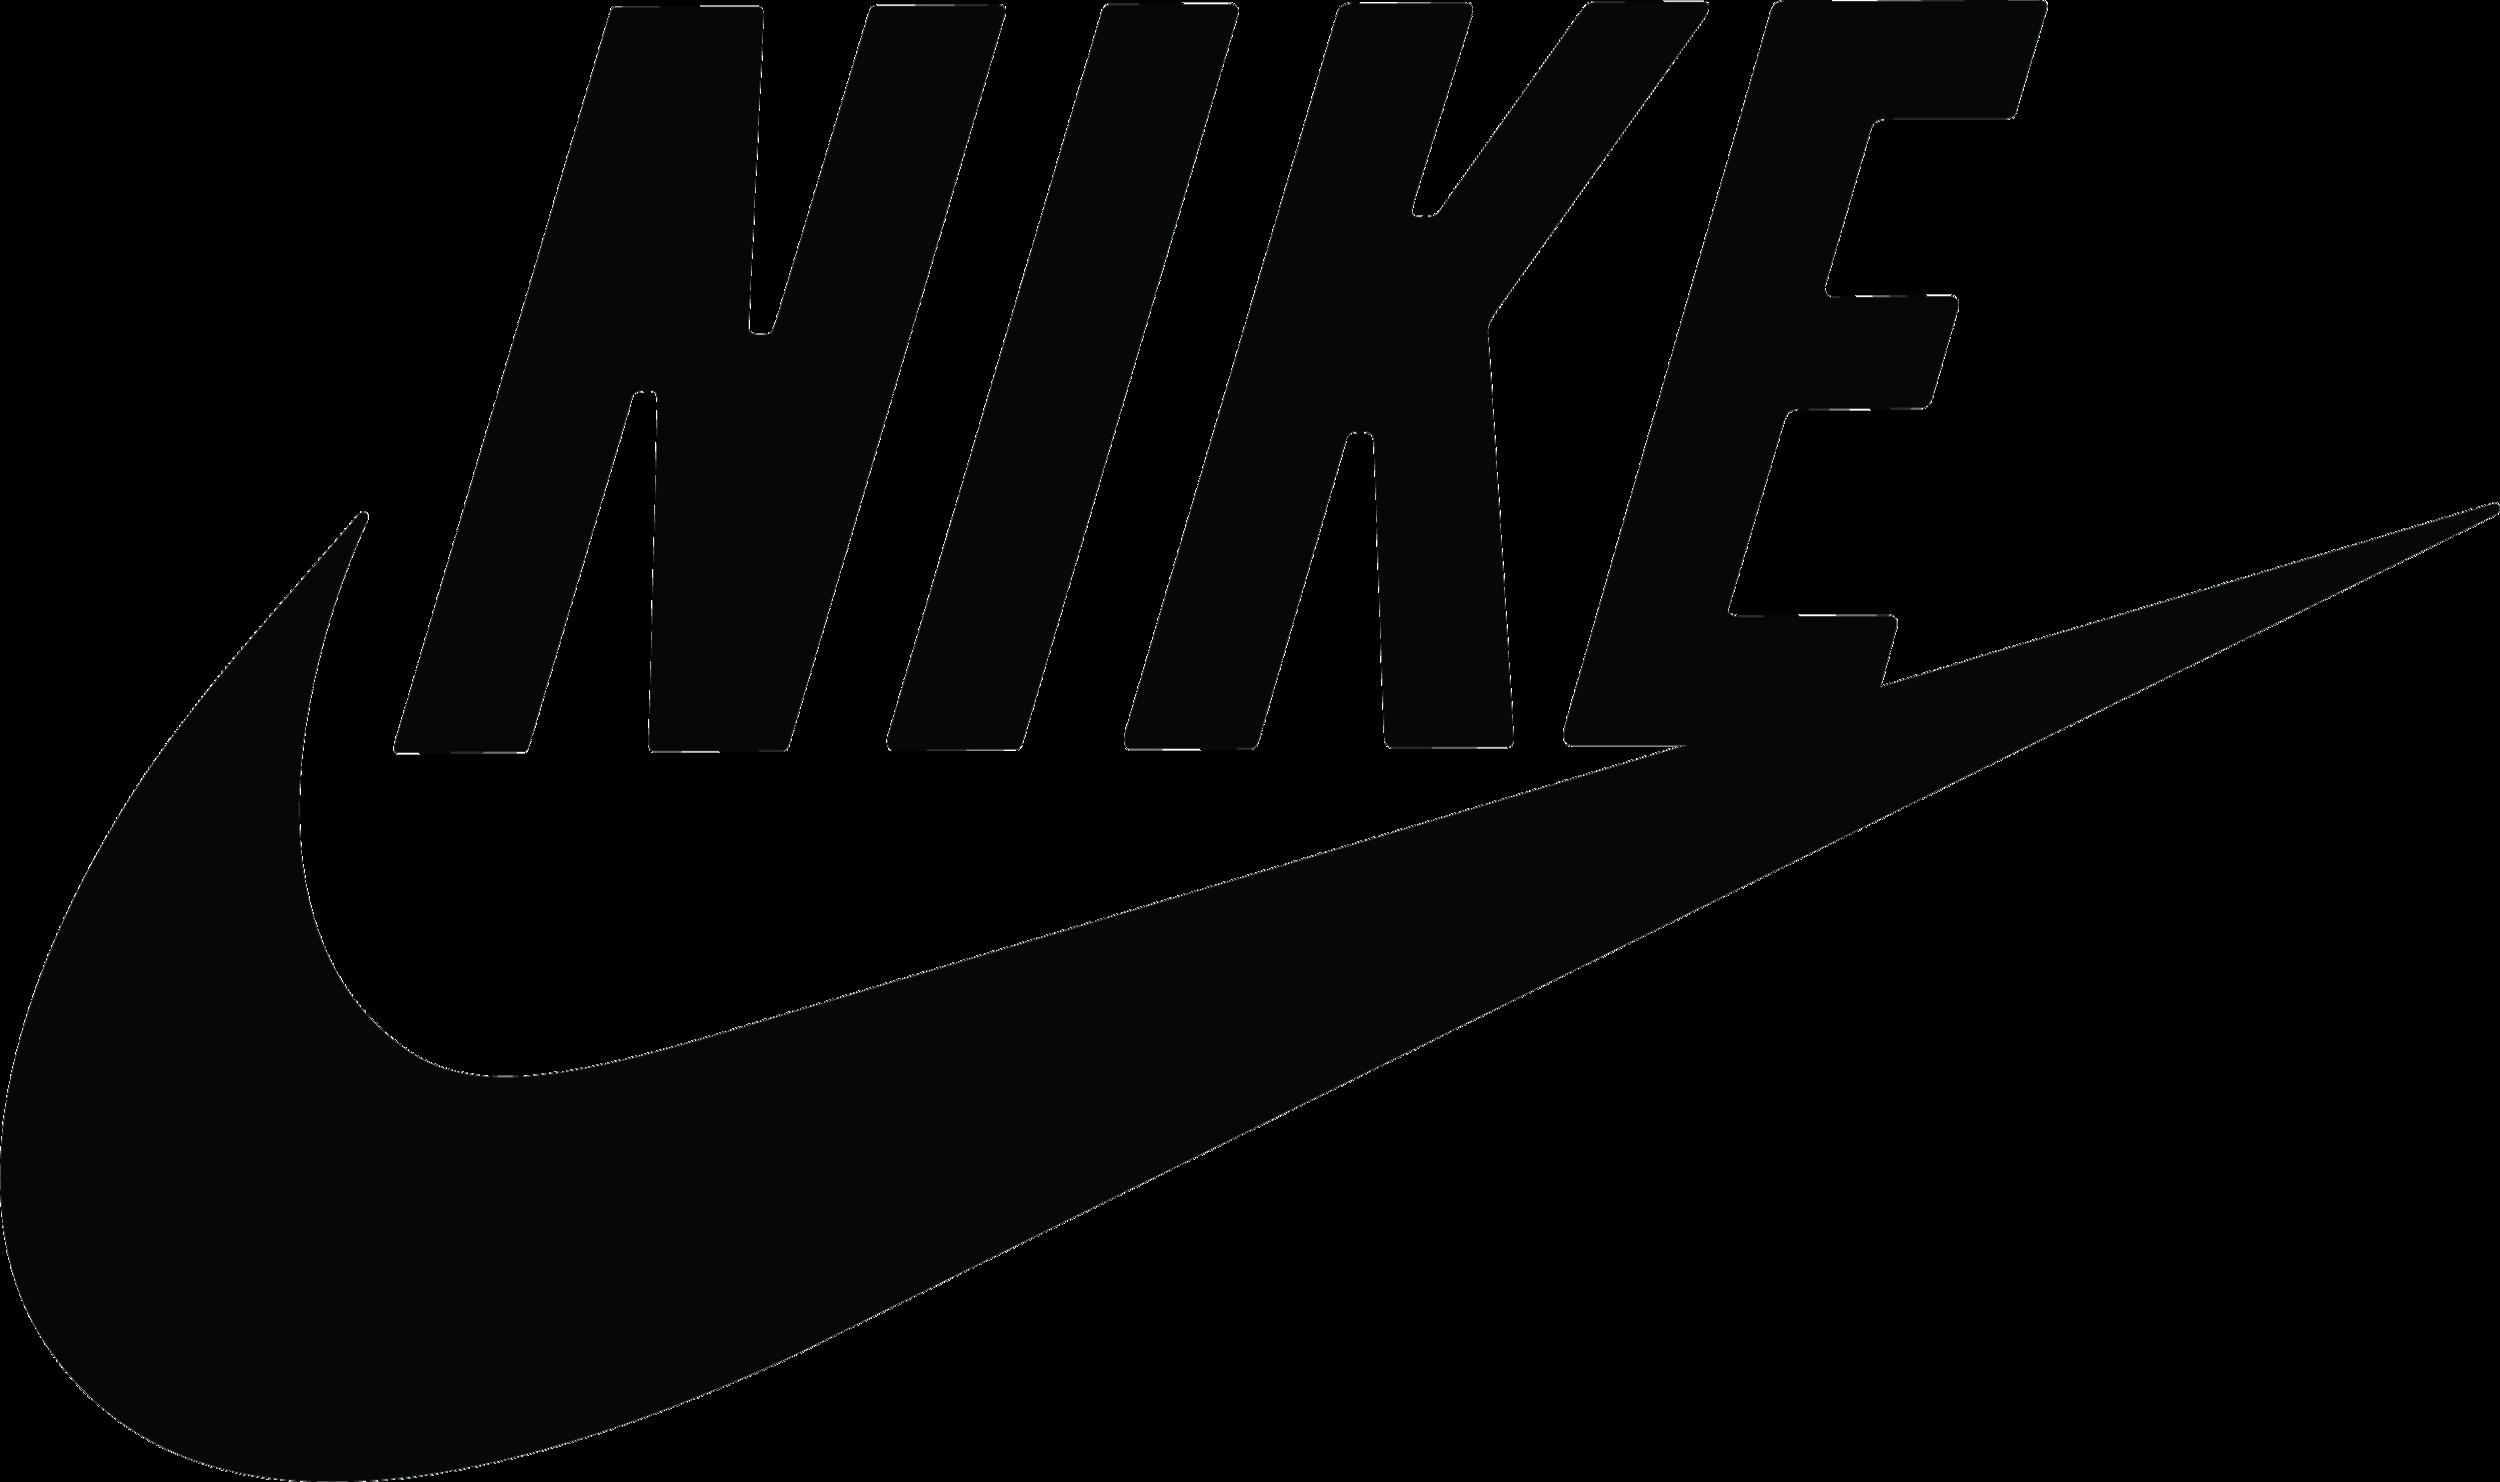 7051_nike-logo-png.png